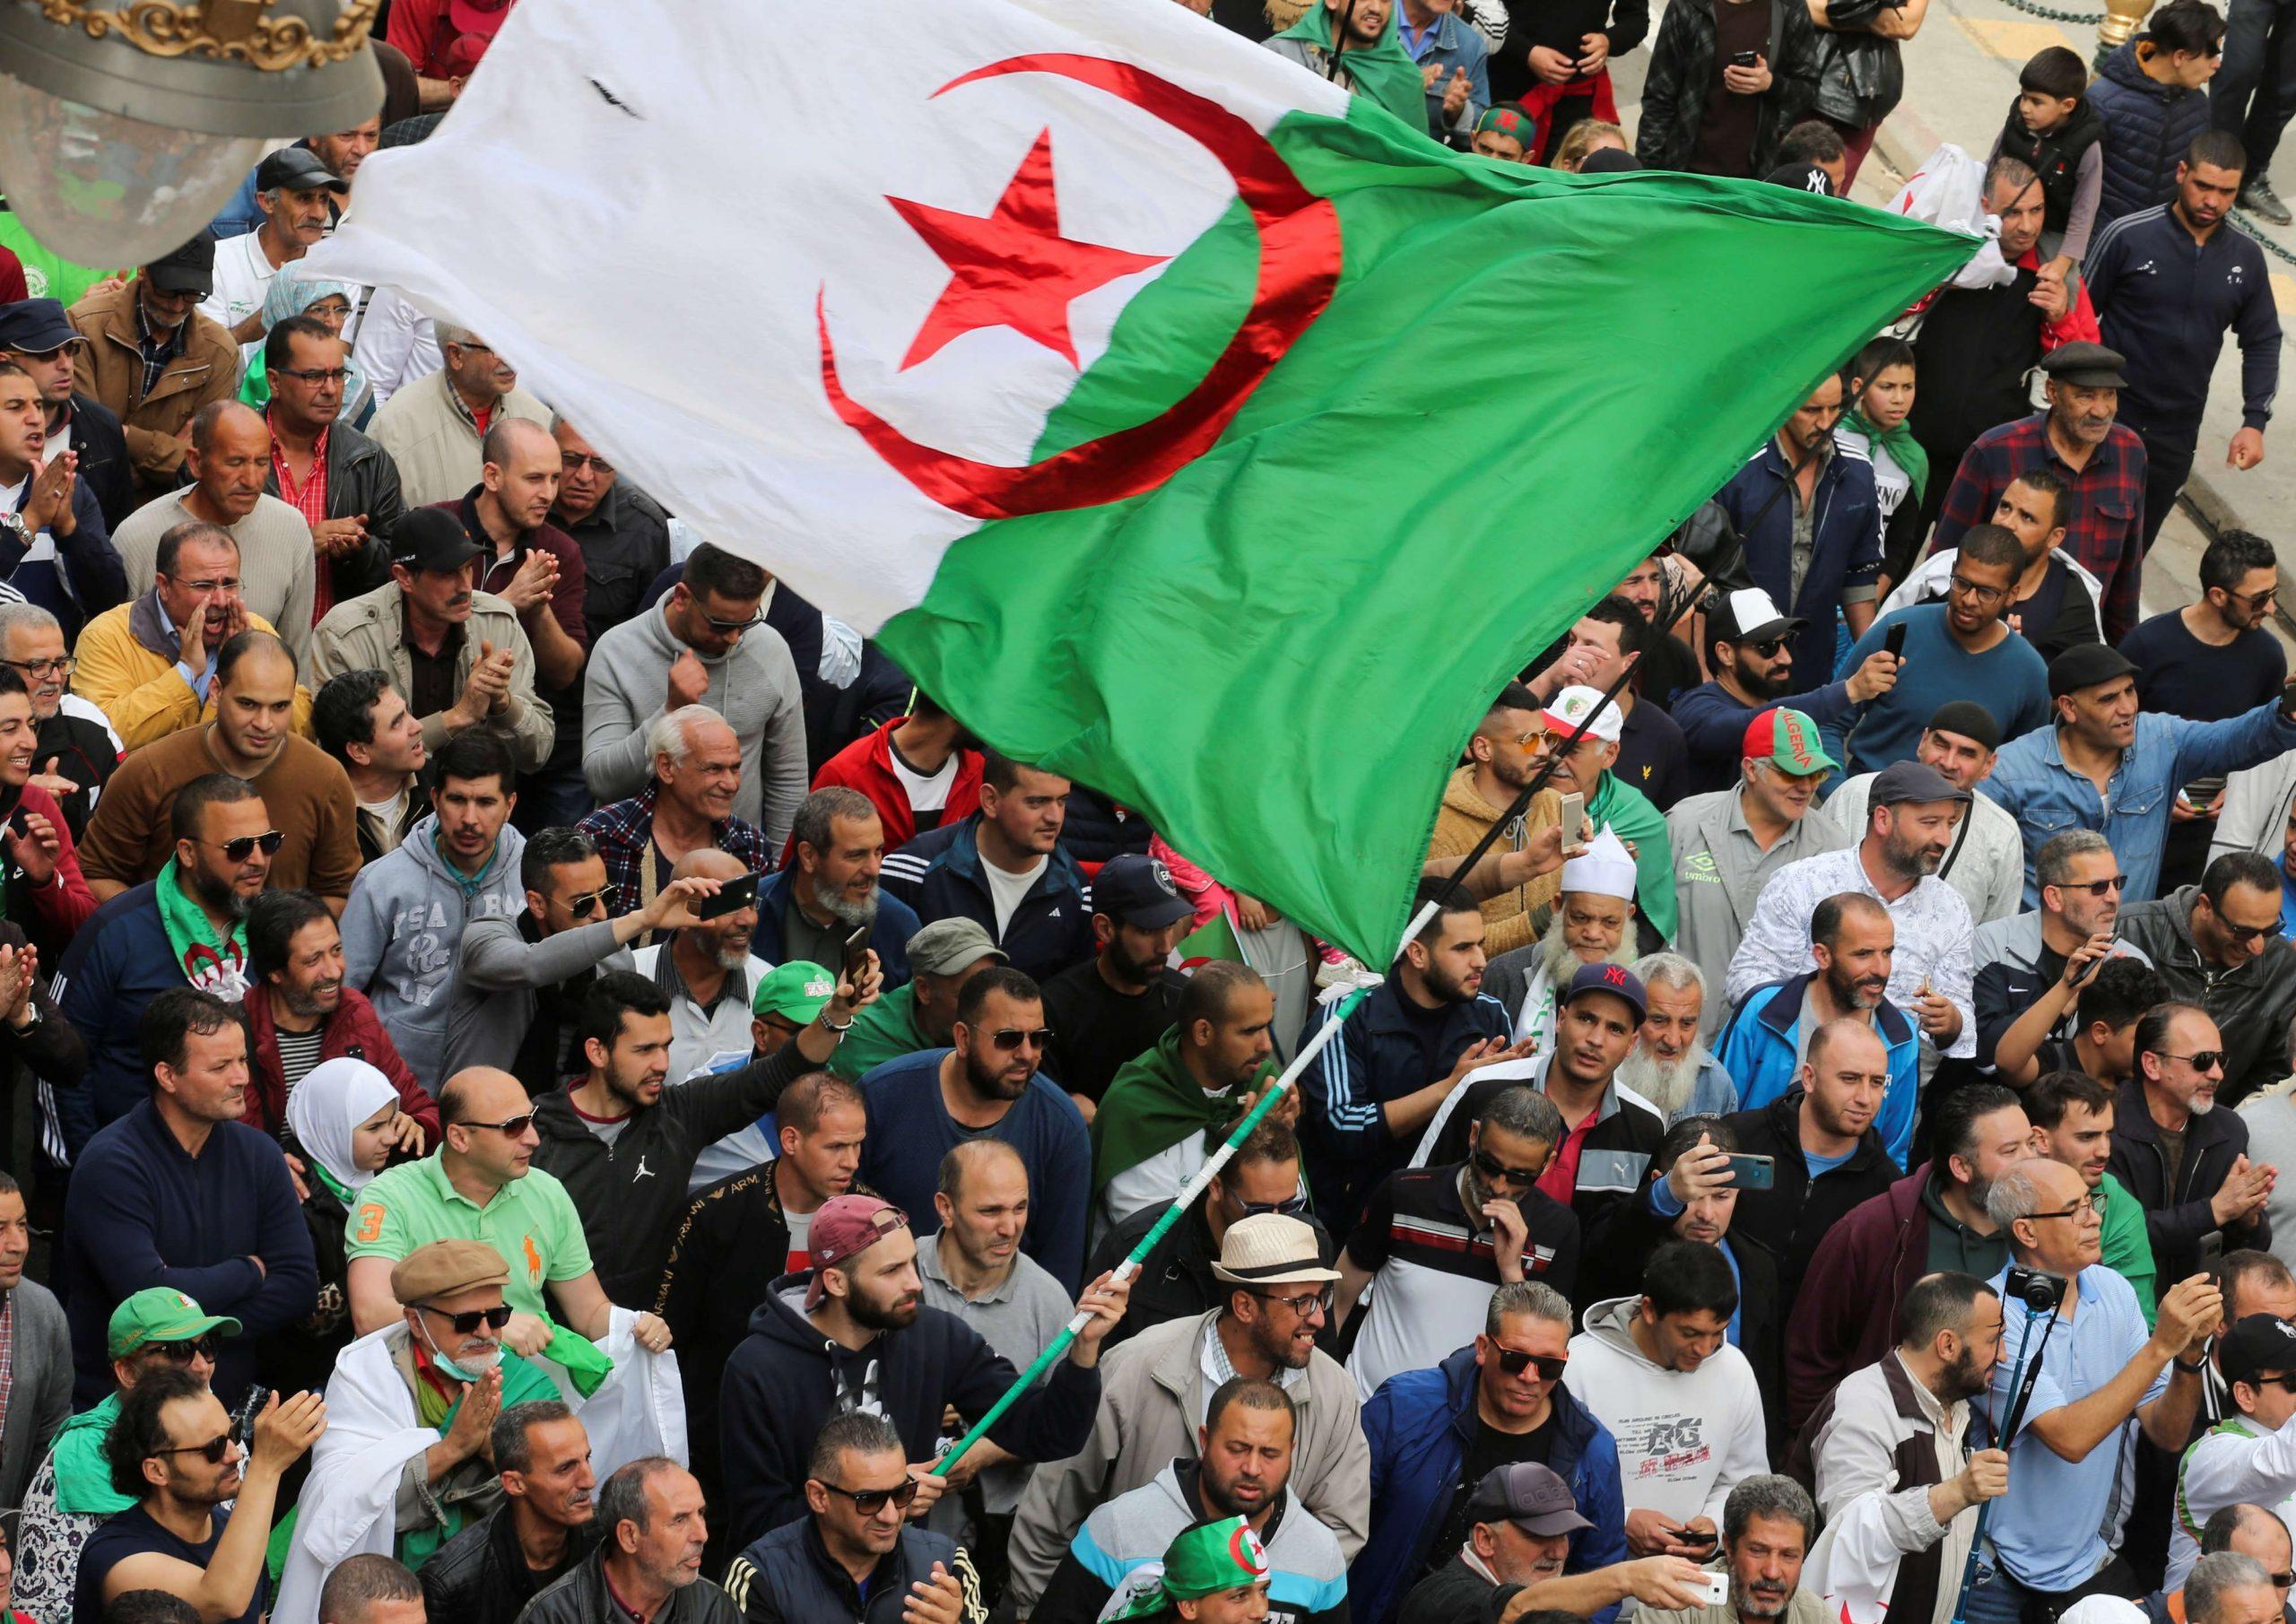 حزب معارض يندد باستمرار الاضطهاد والمحاكمات السياسية في الجزائر